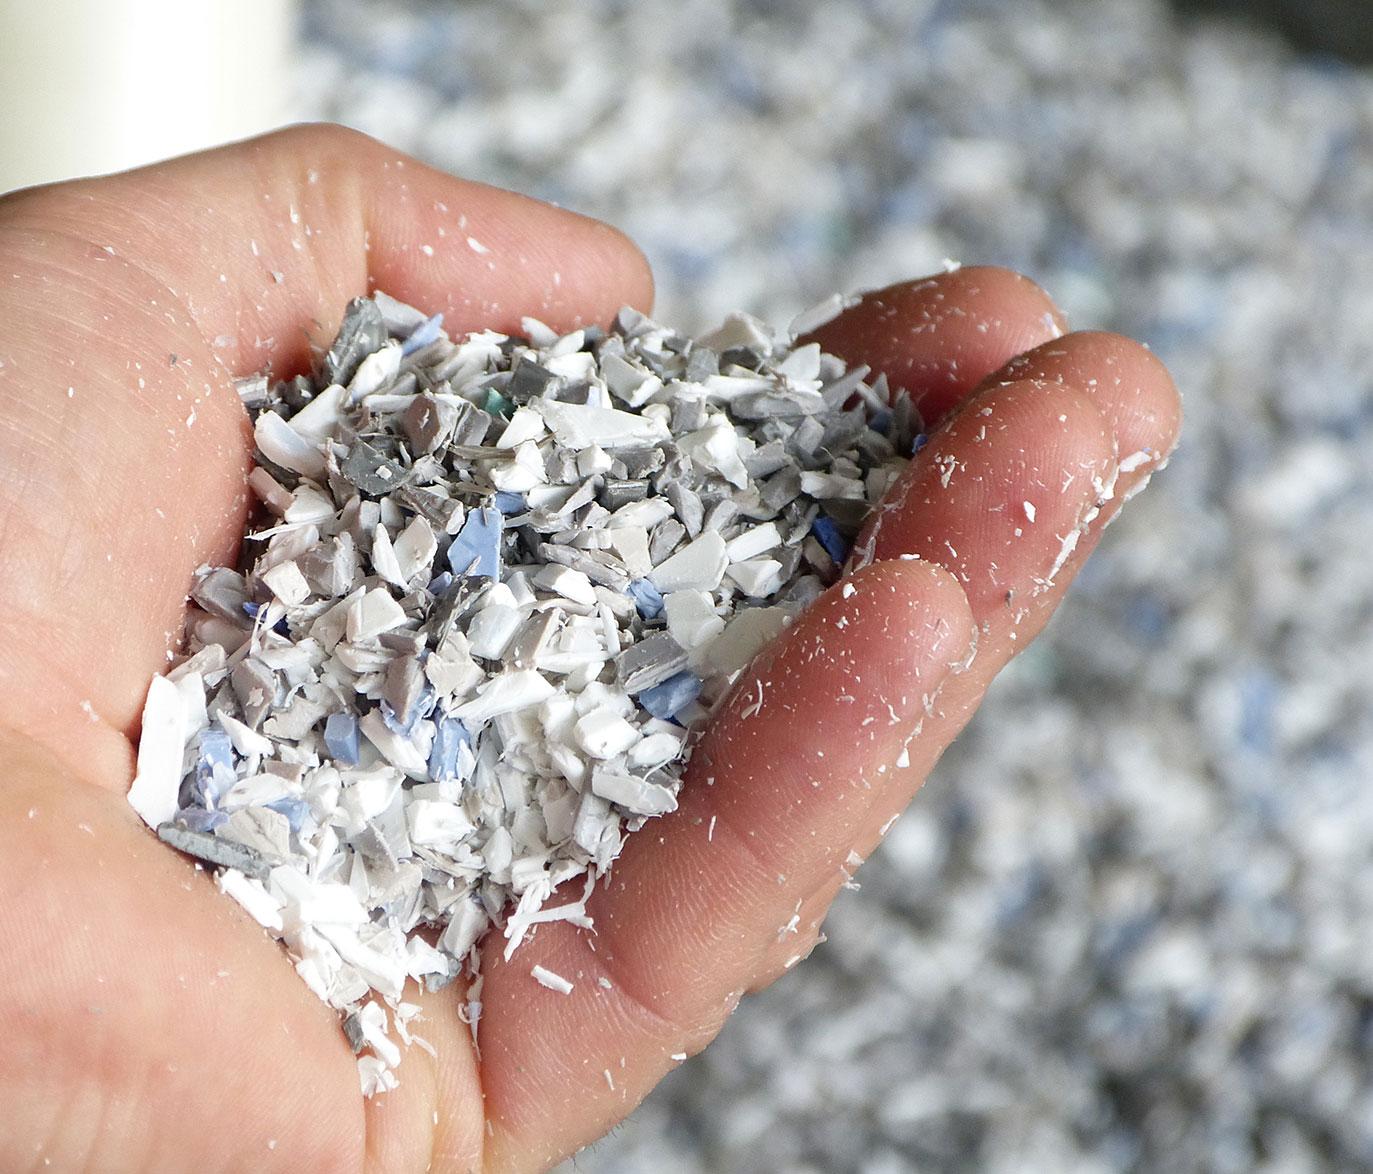 Une main avec des morceaux de matière